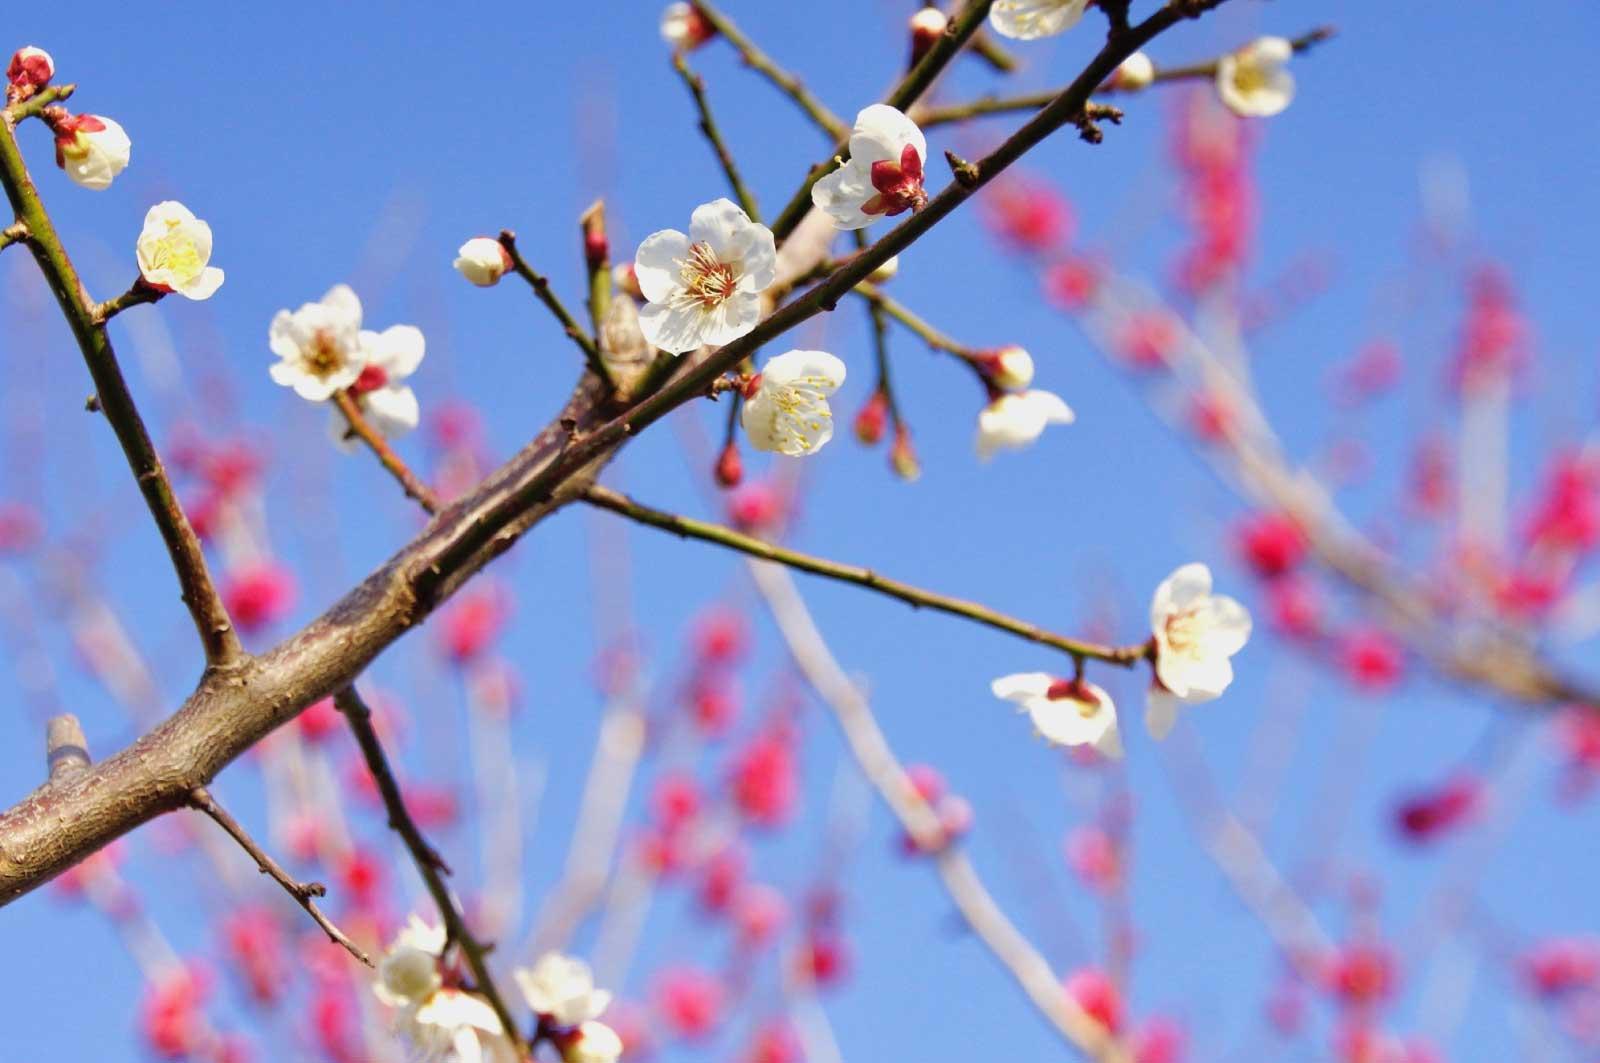 和歌山で見た梅の花